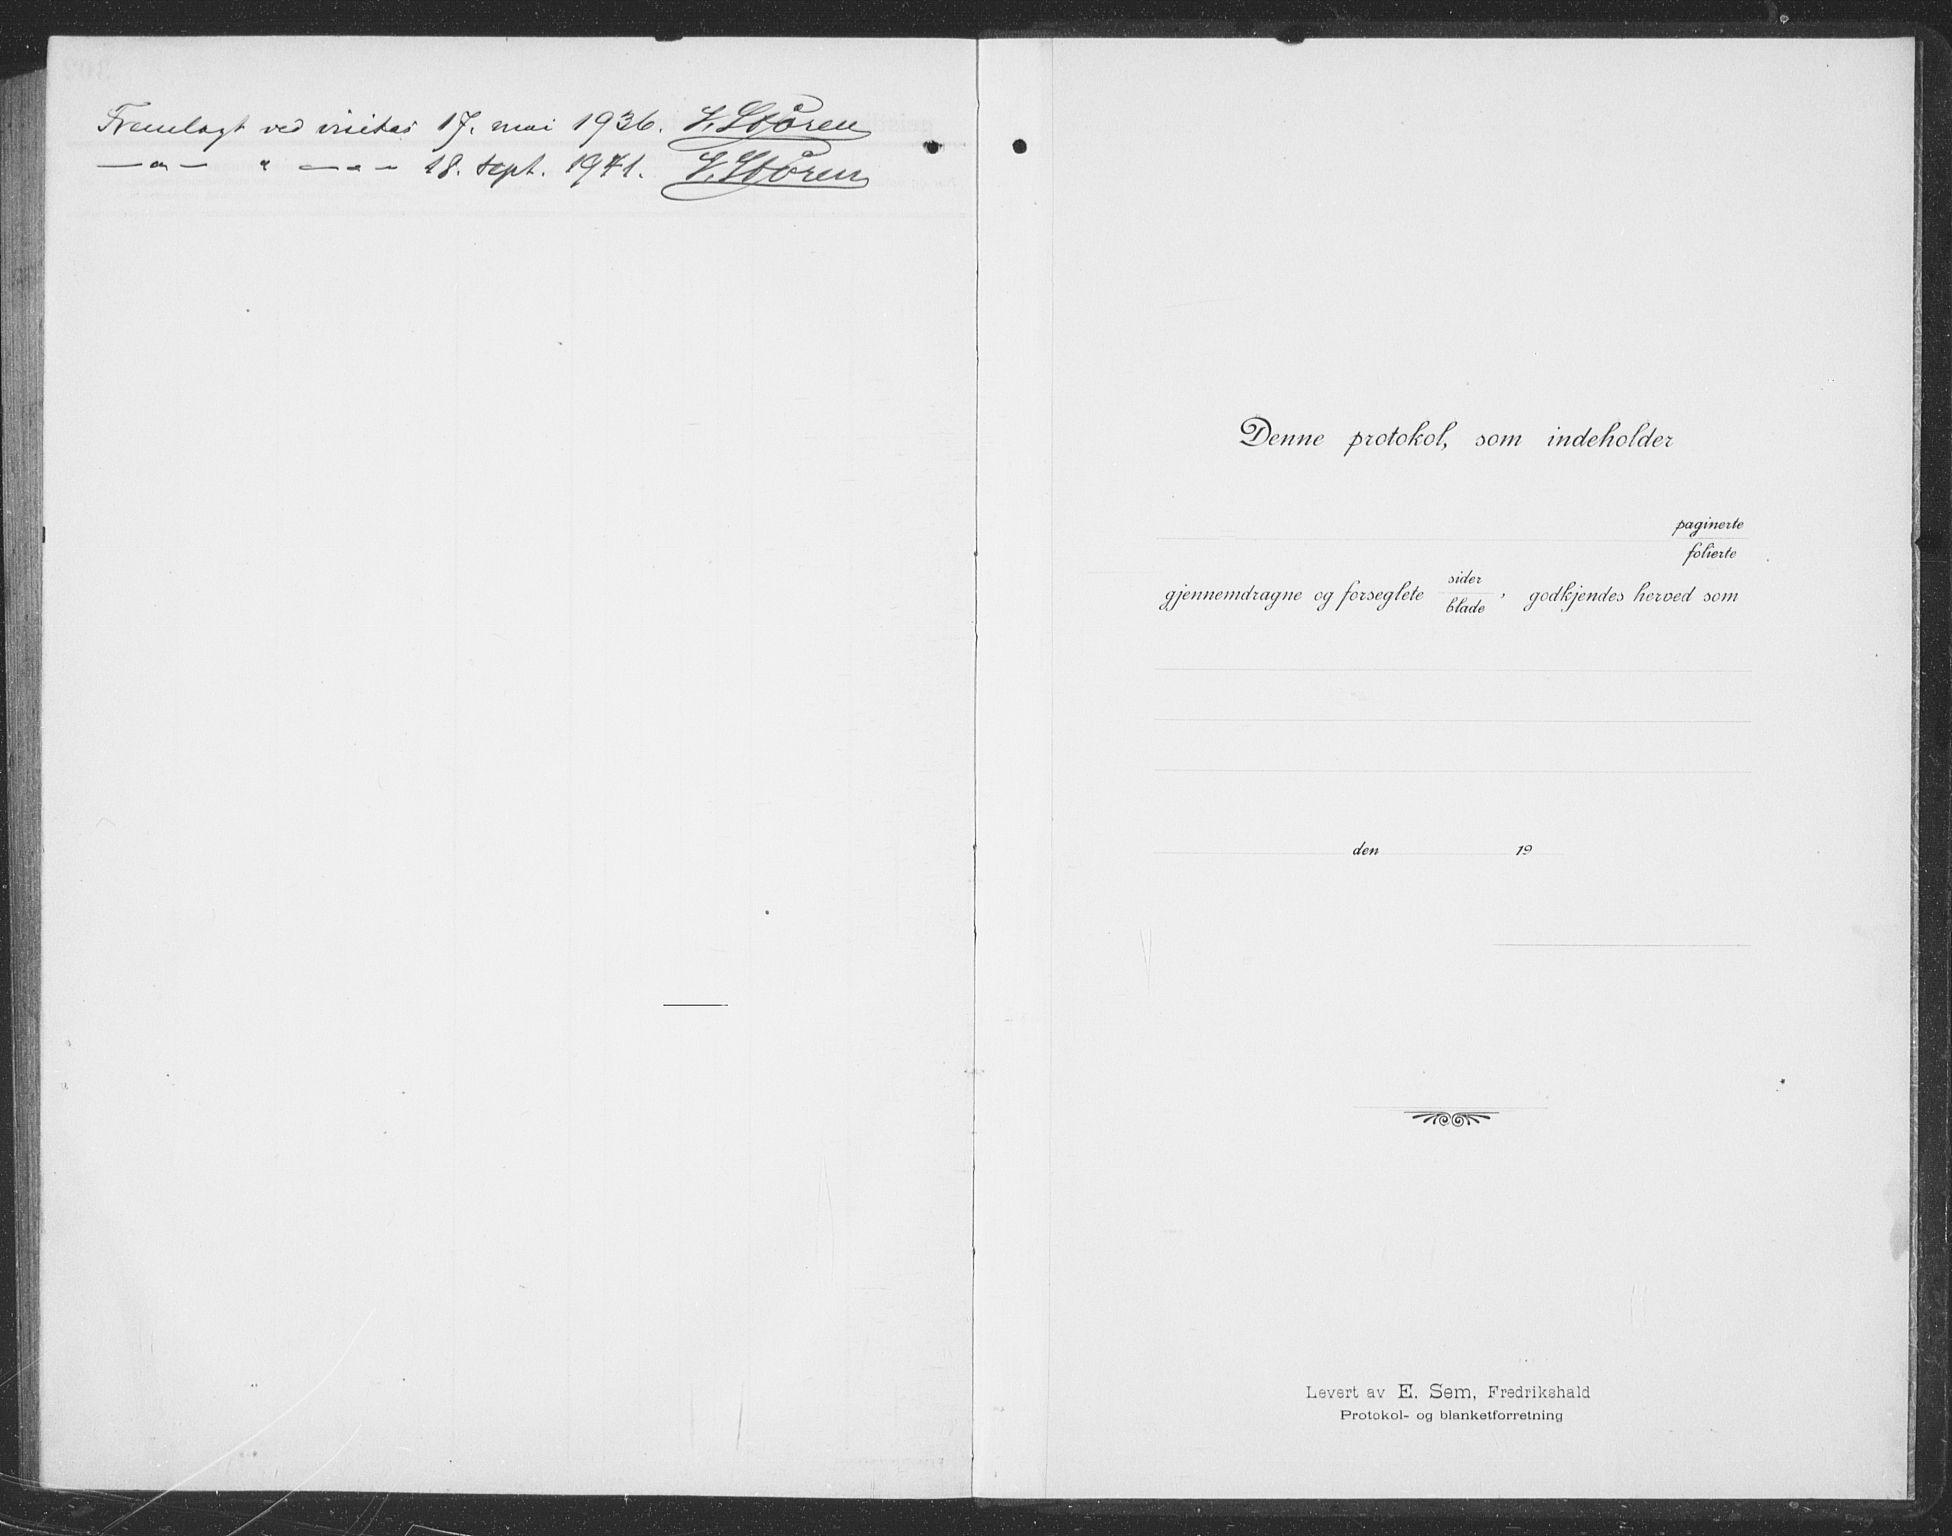 SAT, Ministerialprotokoller, klokkerbøker og fødselsregistre - Sør-Trøndelag, 694/L1134: Klokkerbok nr. 694C06, 1915-1937